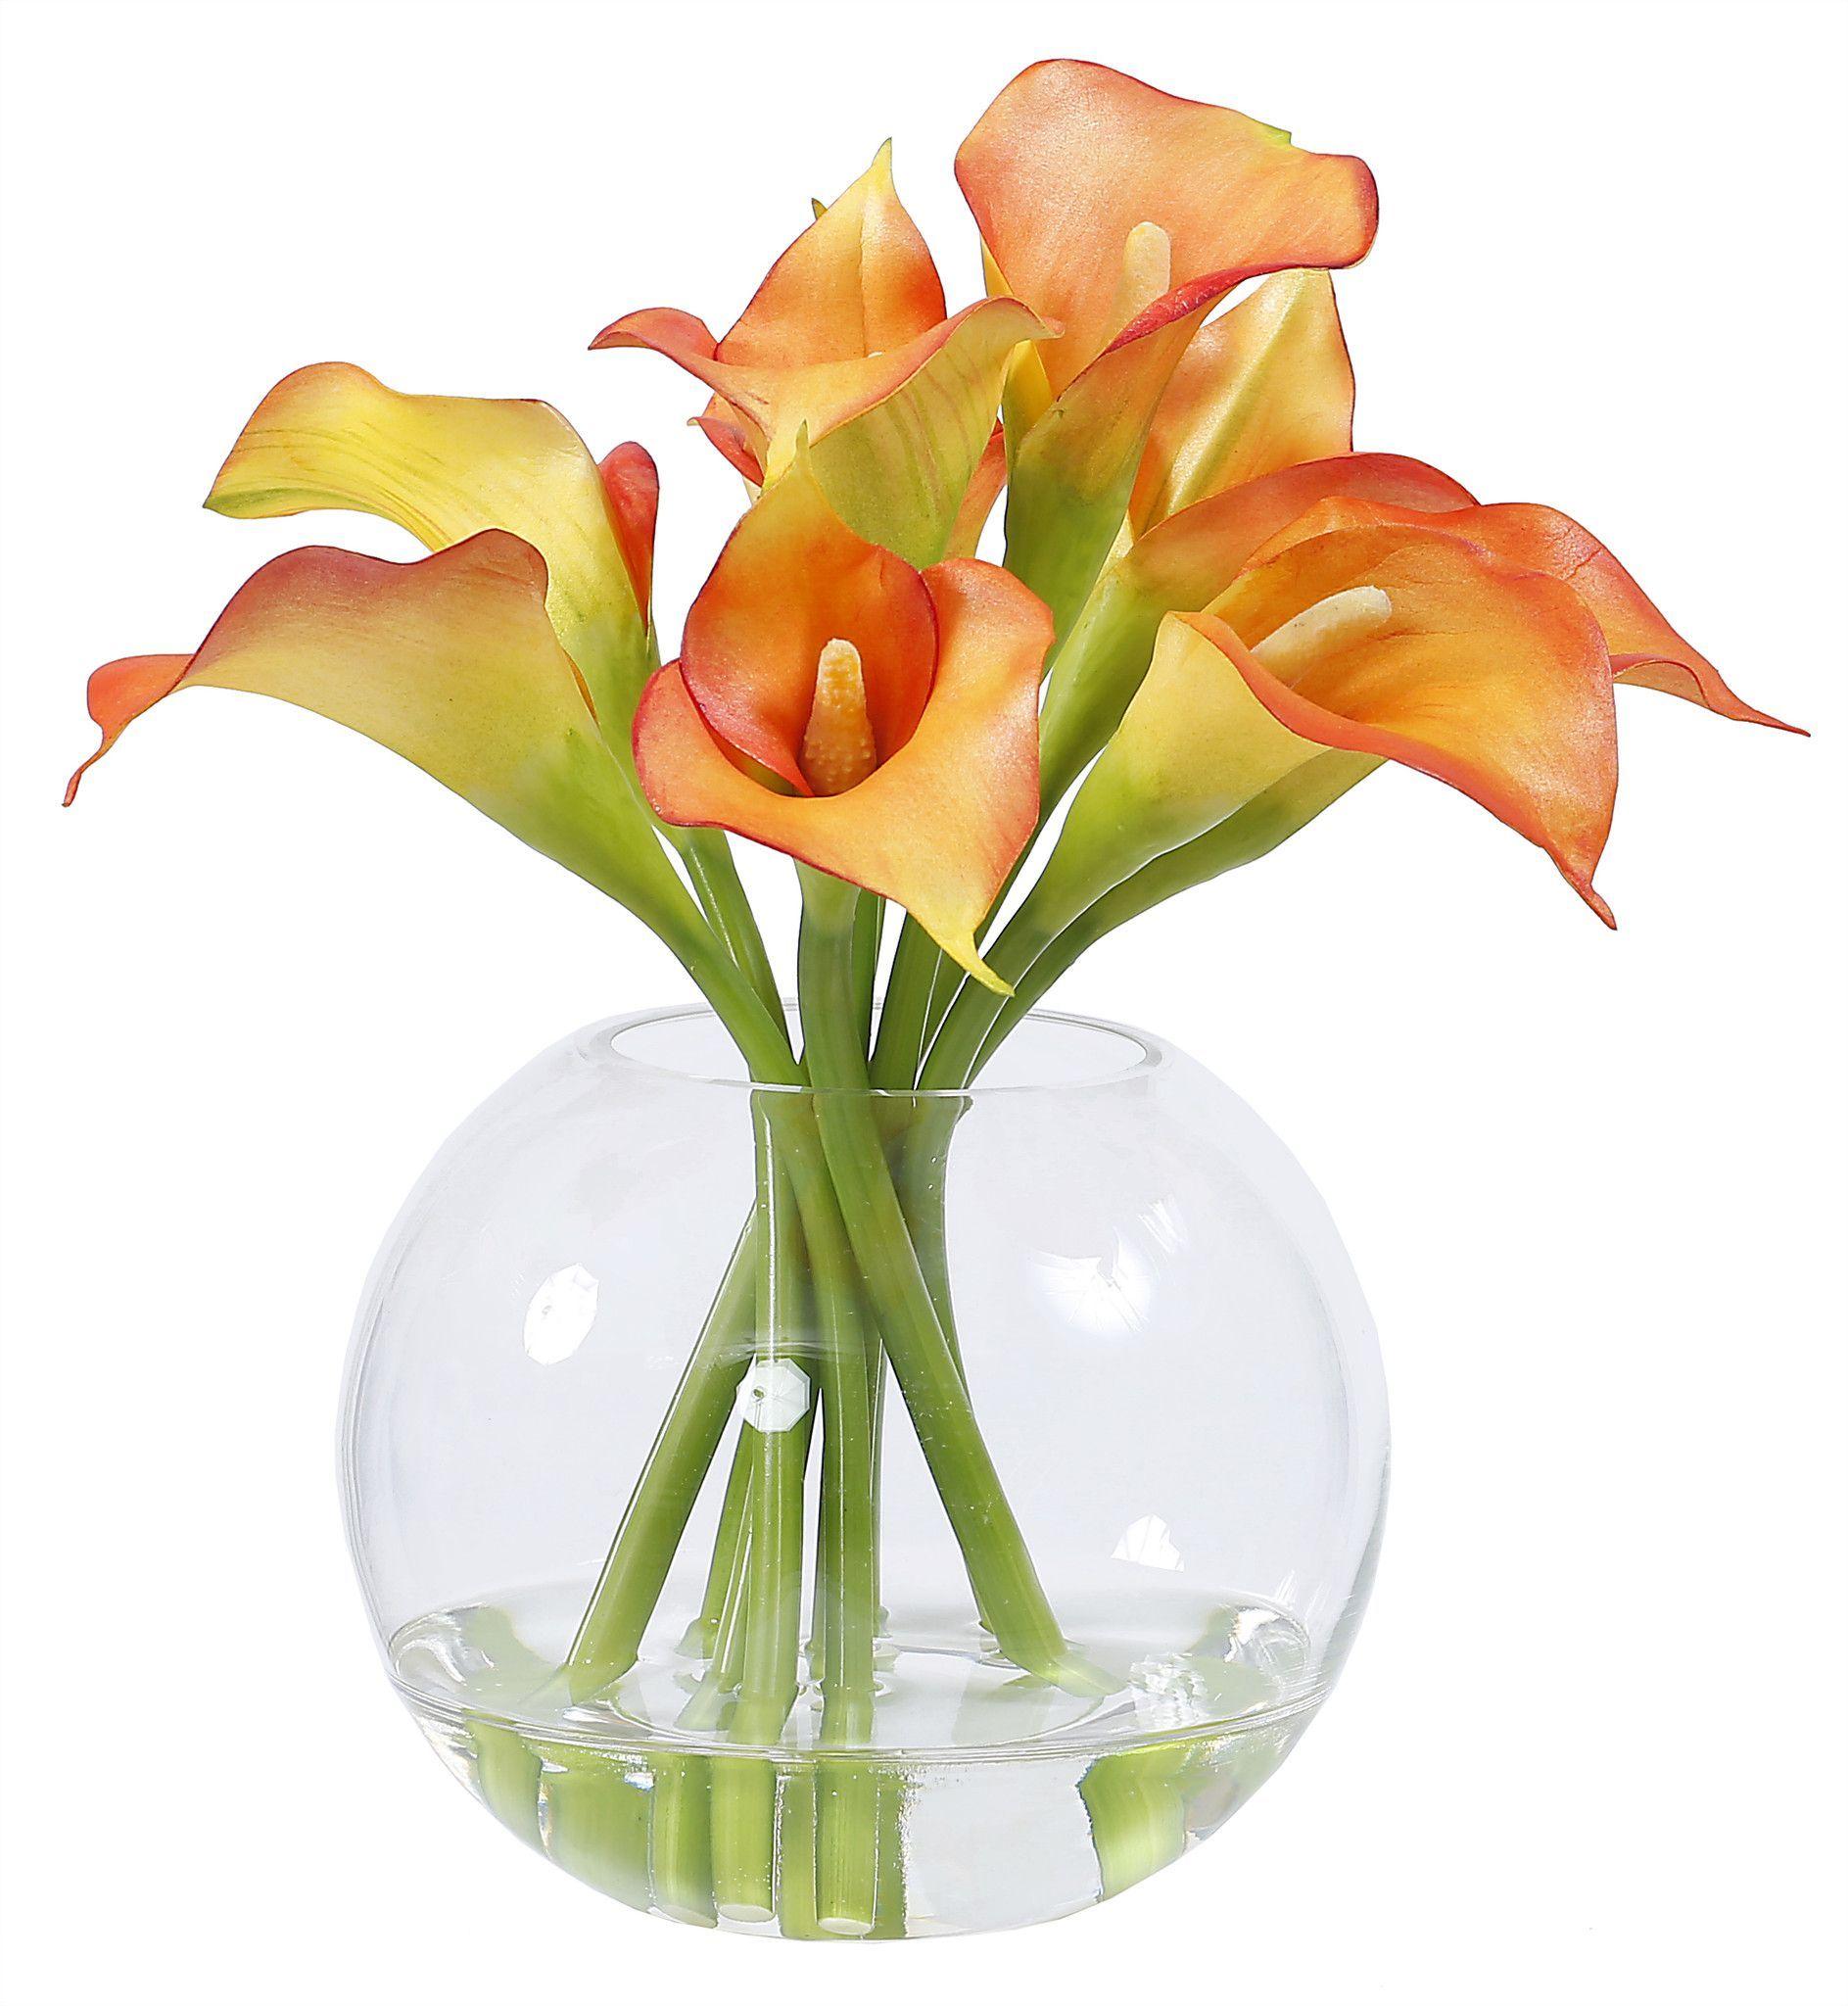 Calla lily in glass 11 calla lilies calla lily in glass 11 reviewsmspy